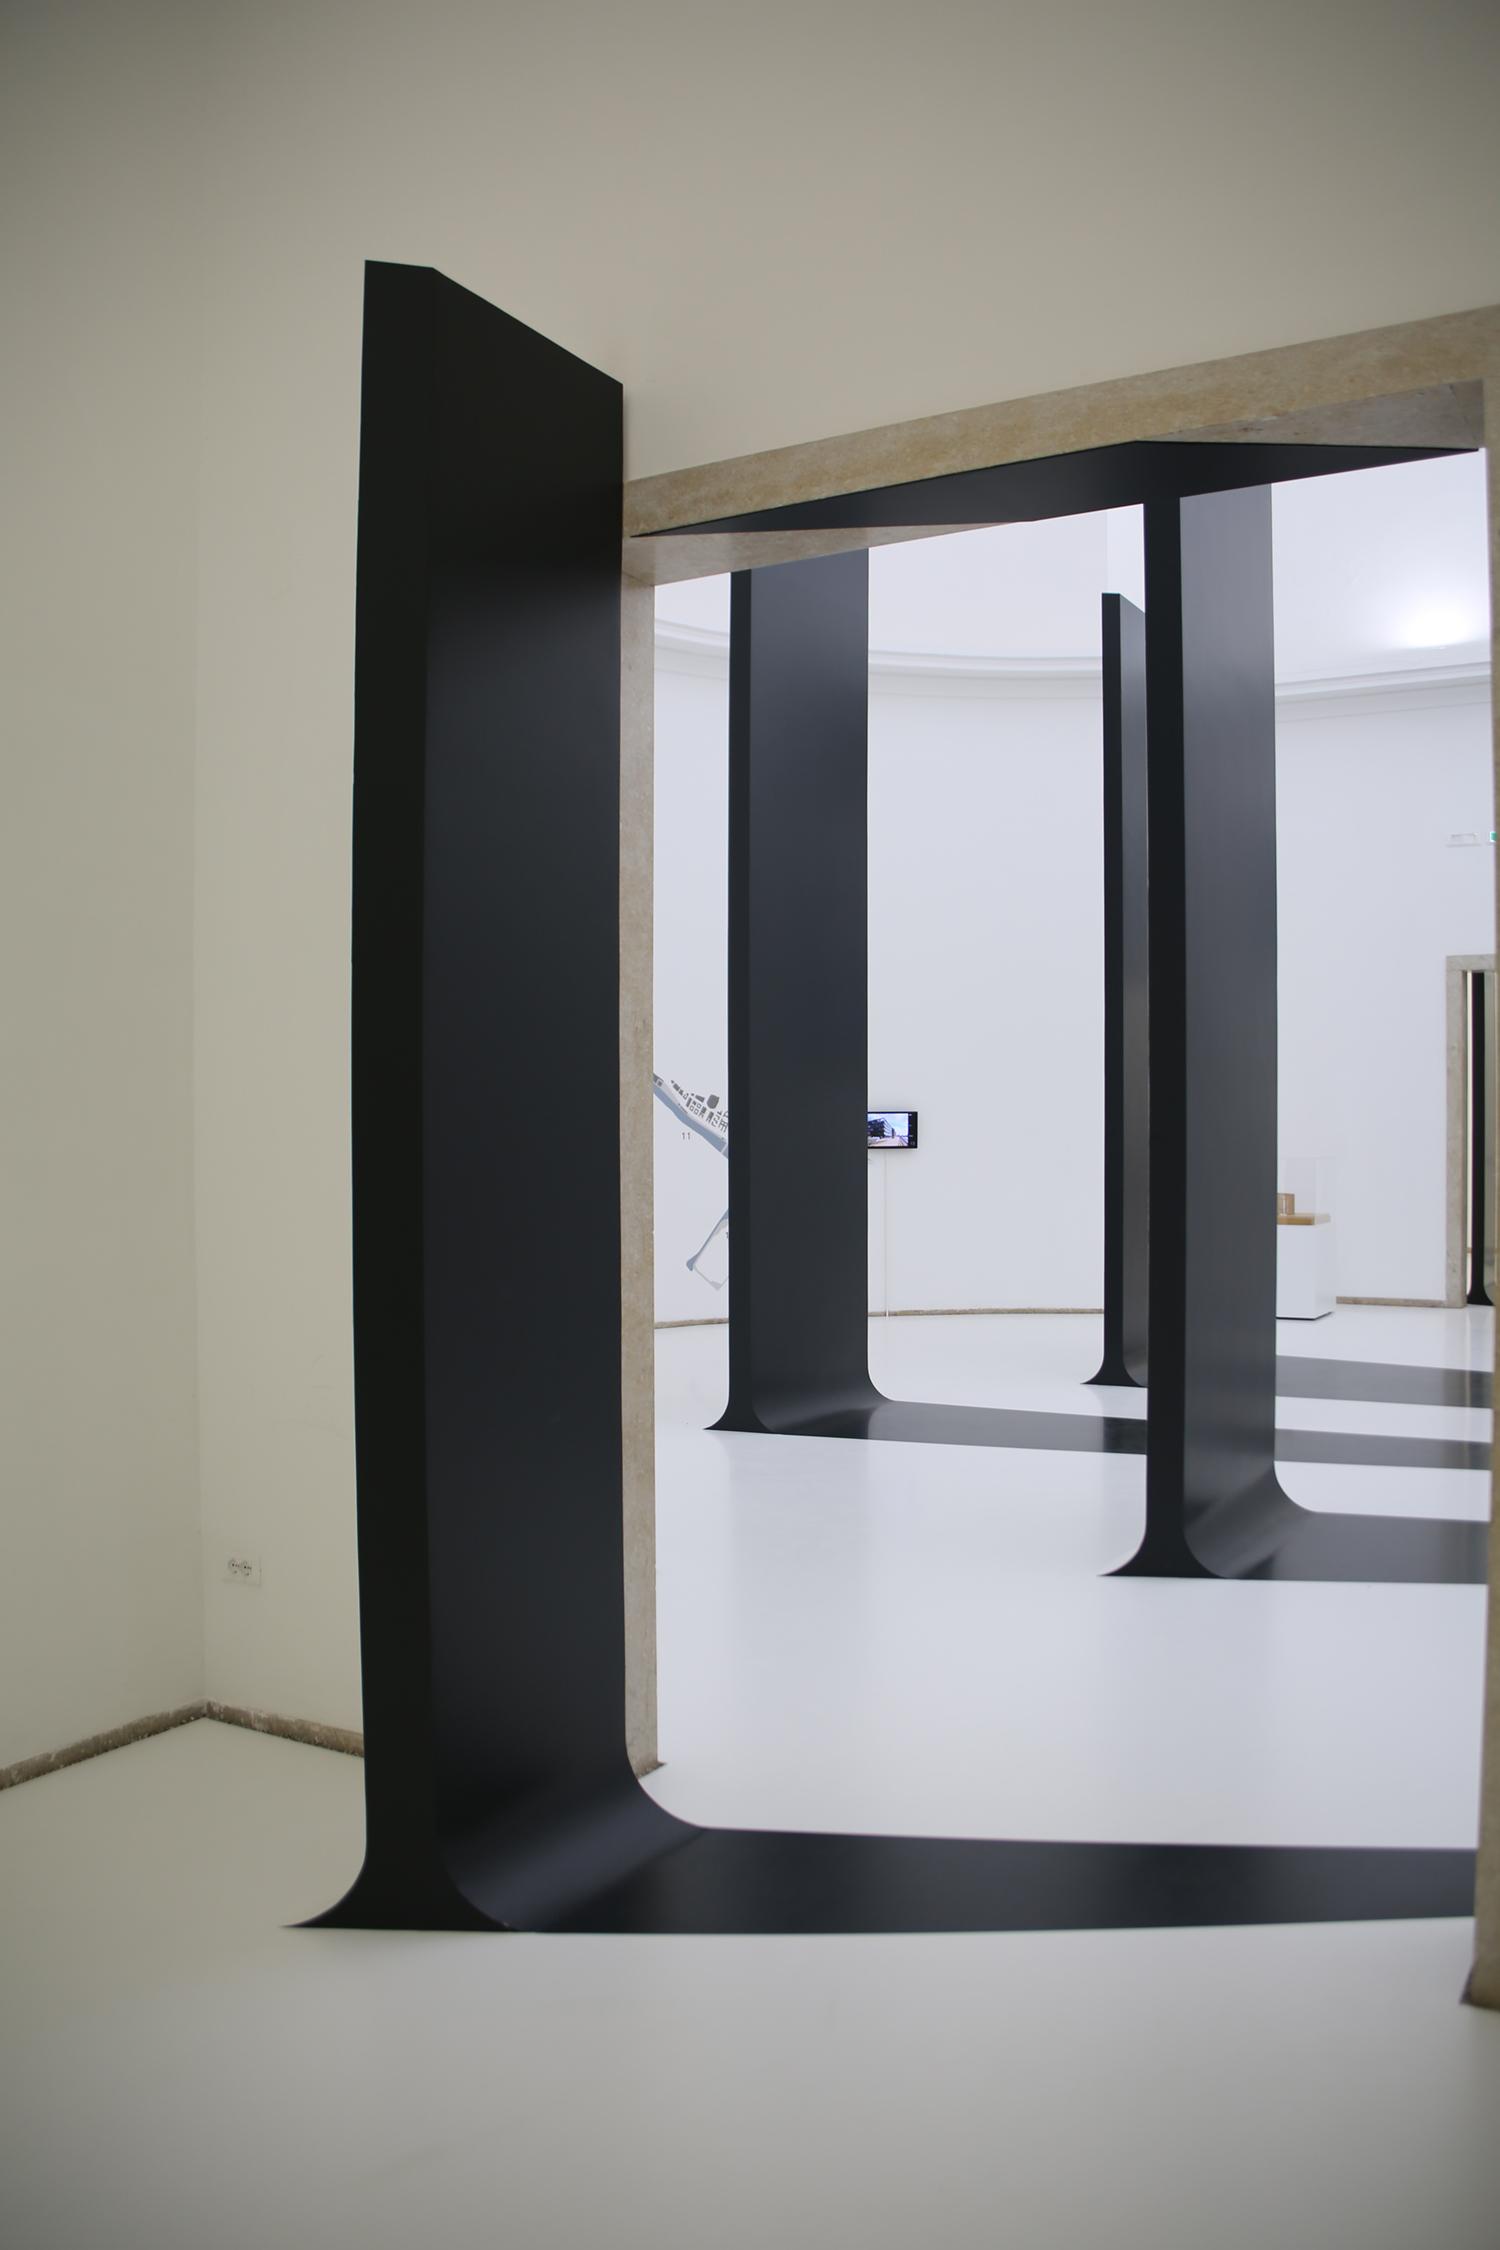 biennale architecture venise 2018 301.JPG